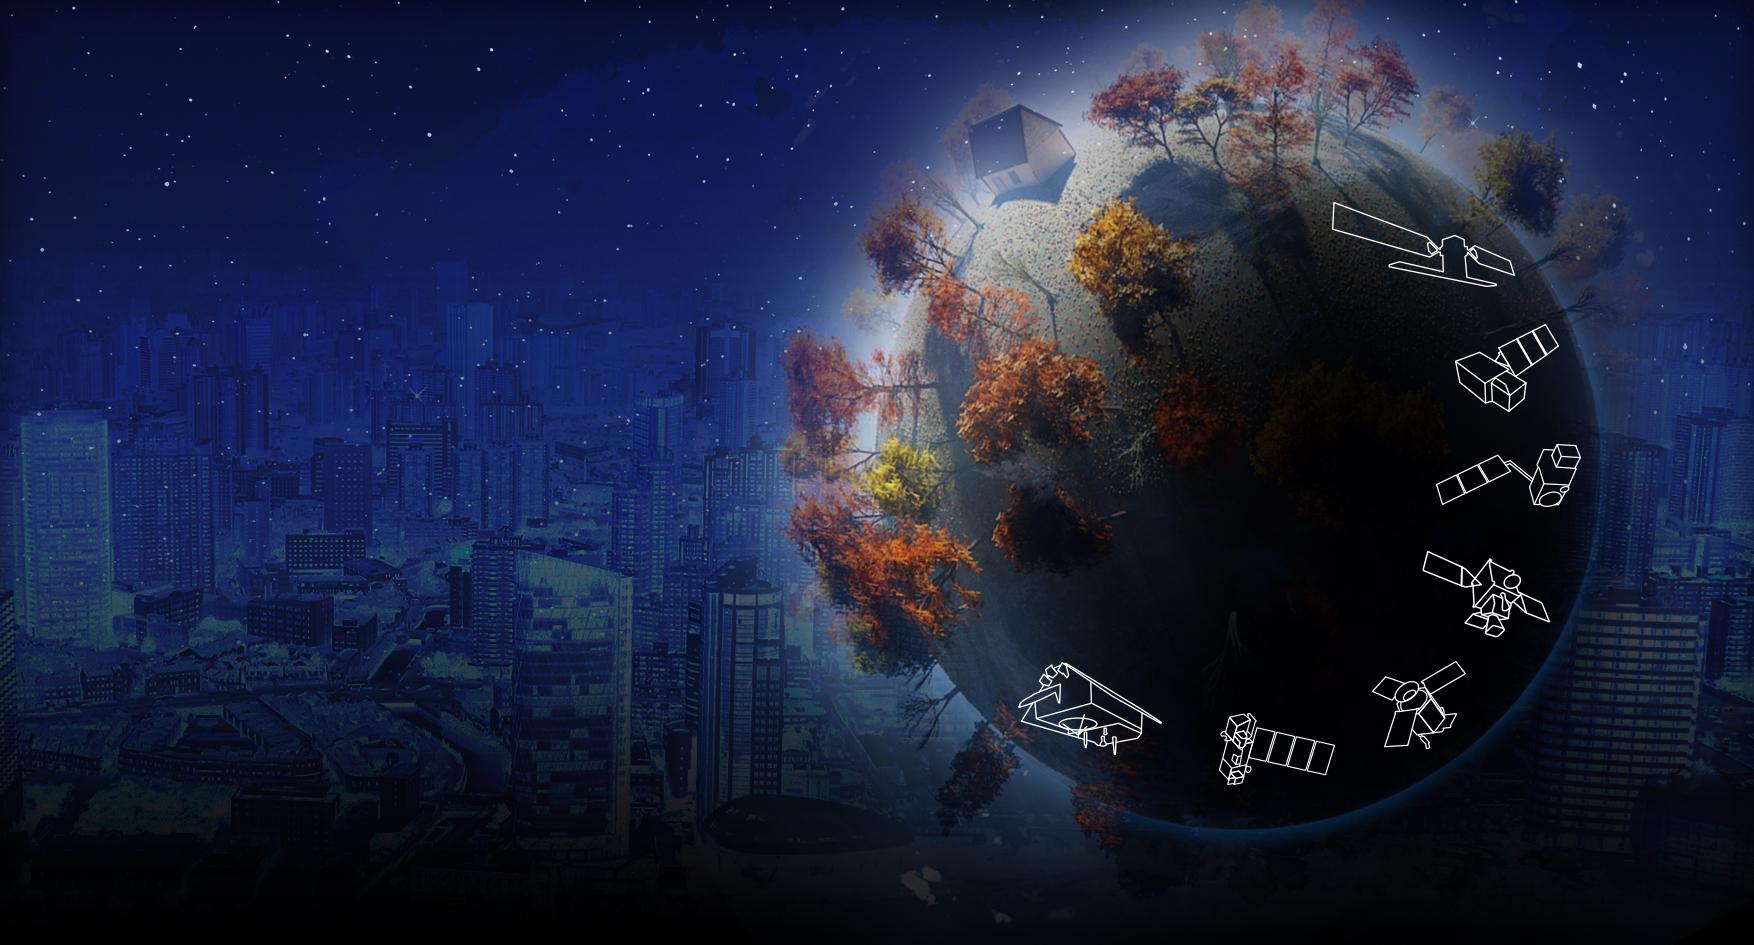 A Sentinel műholdcsalád. (Kép: ESA)